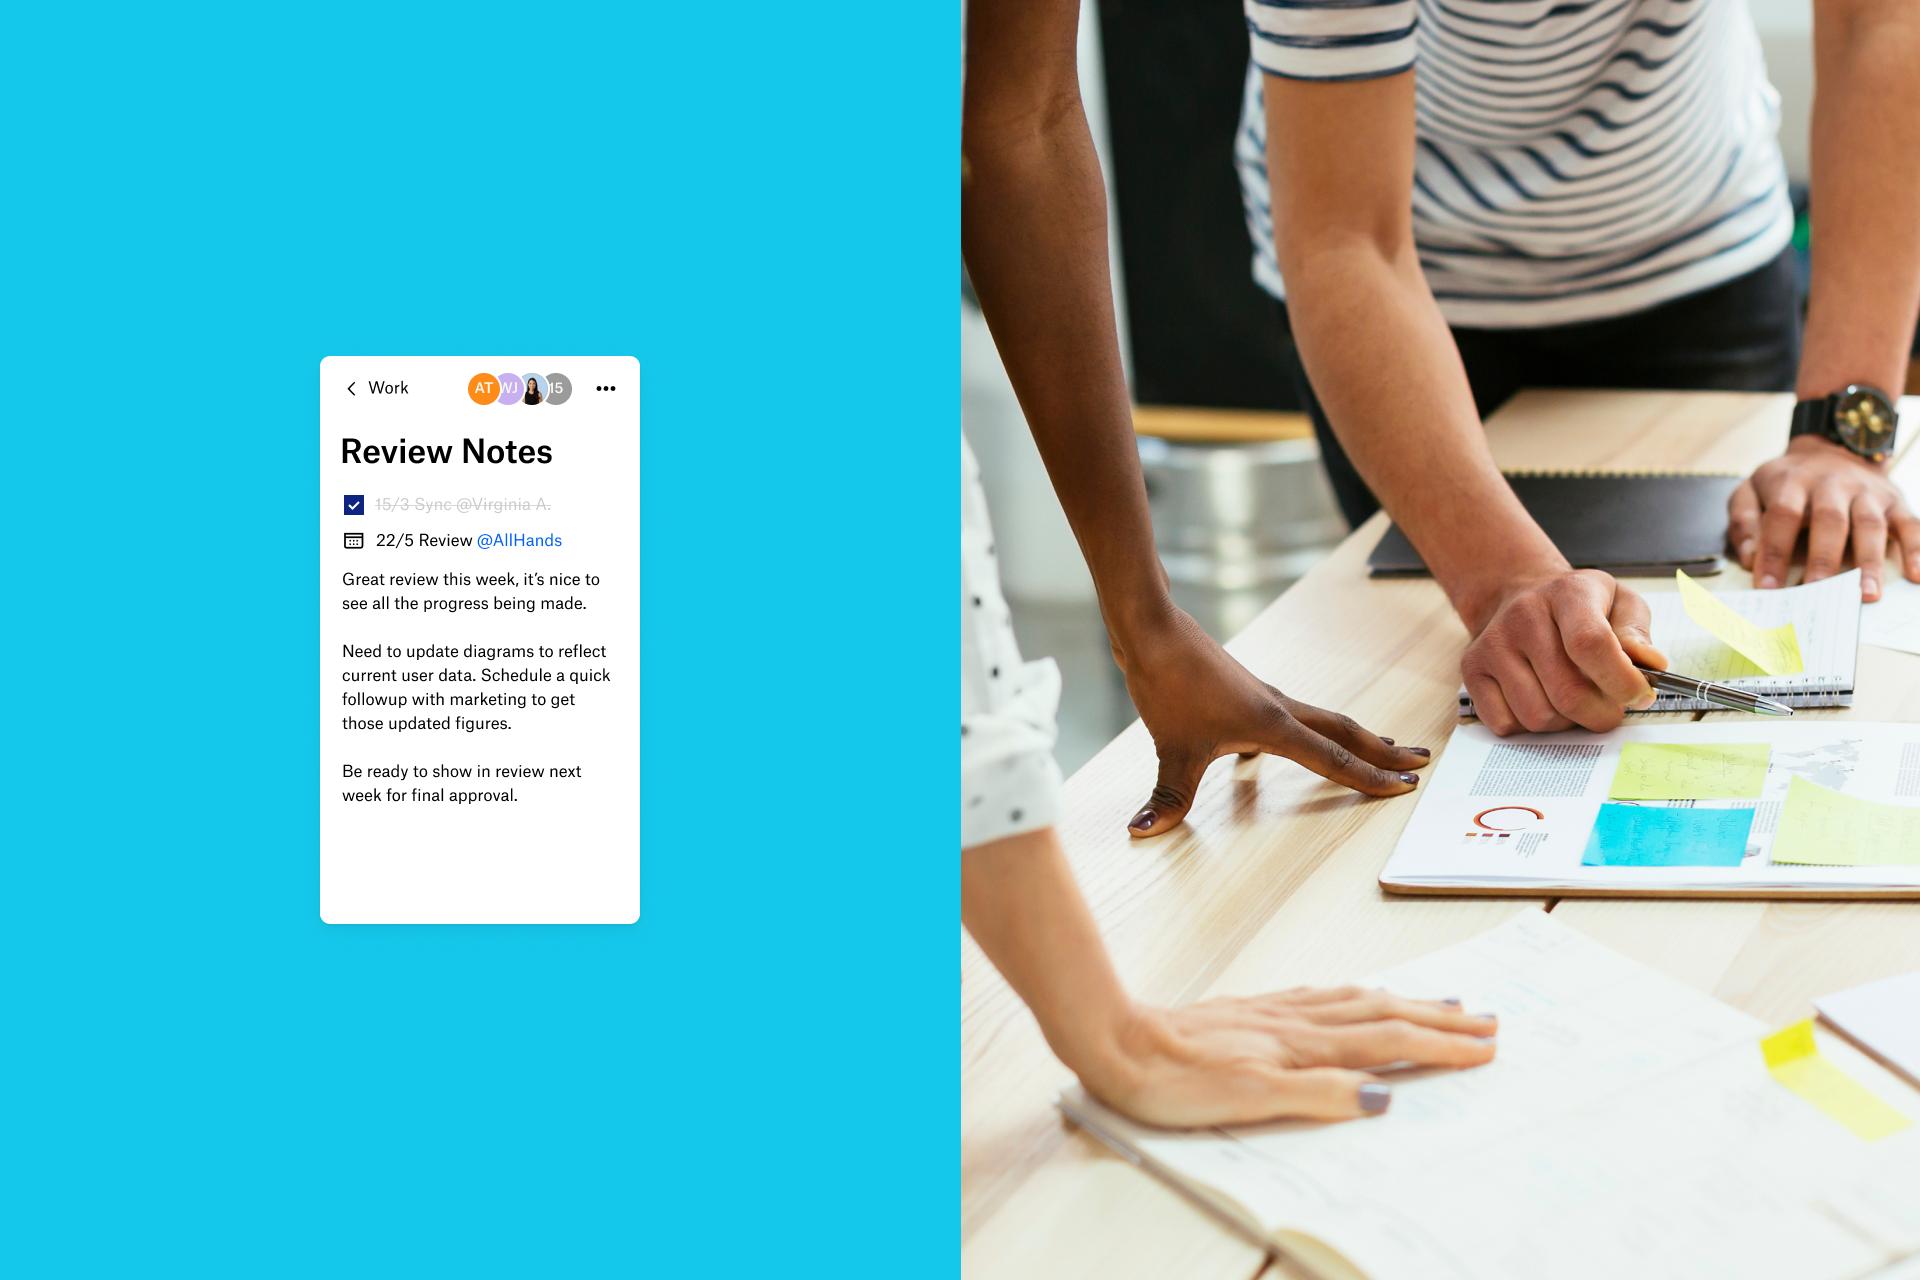 Två personer granskar anteckningar i Dropbox Paper i stället för fysiska anteckningar som en del av sitt företags digitala omvandling